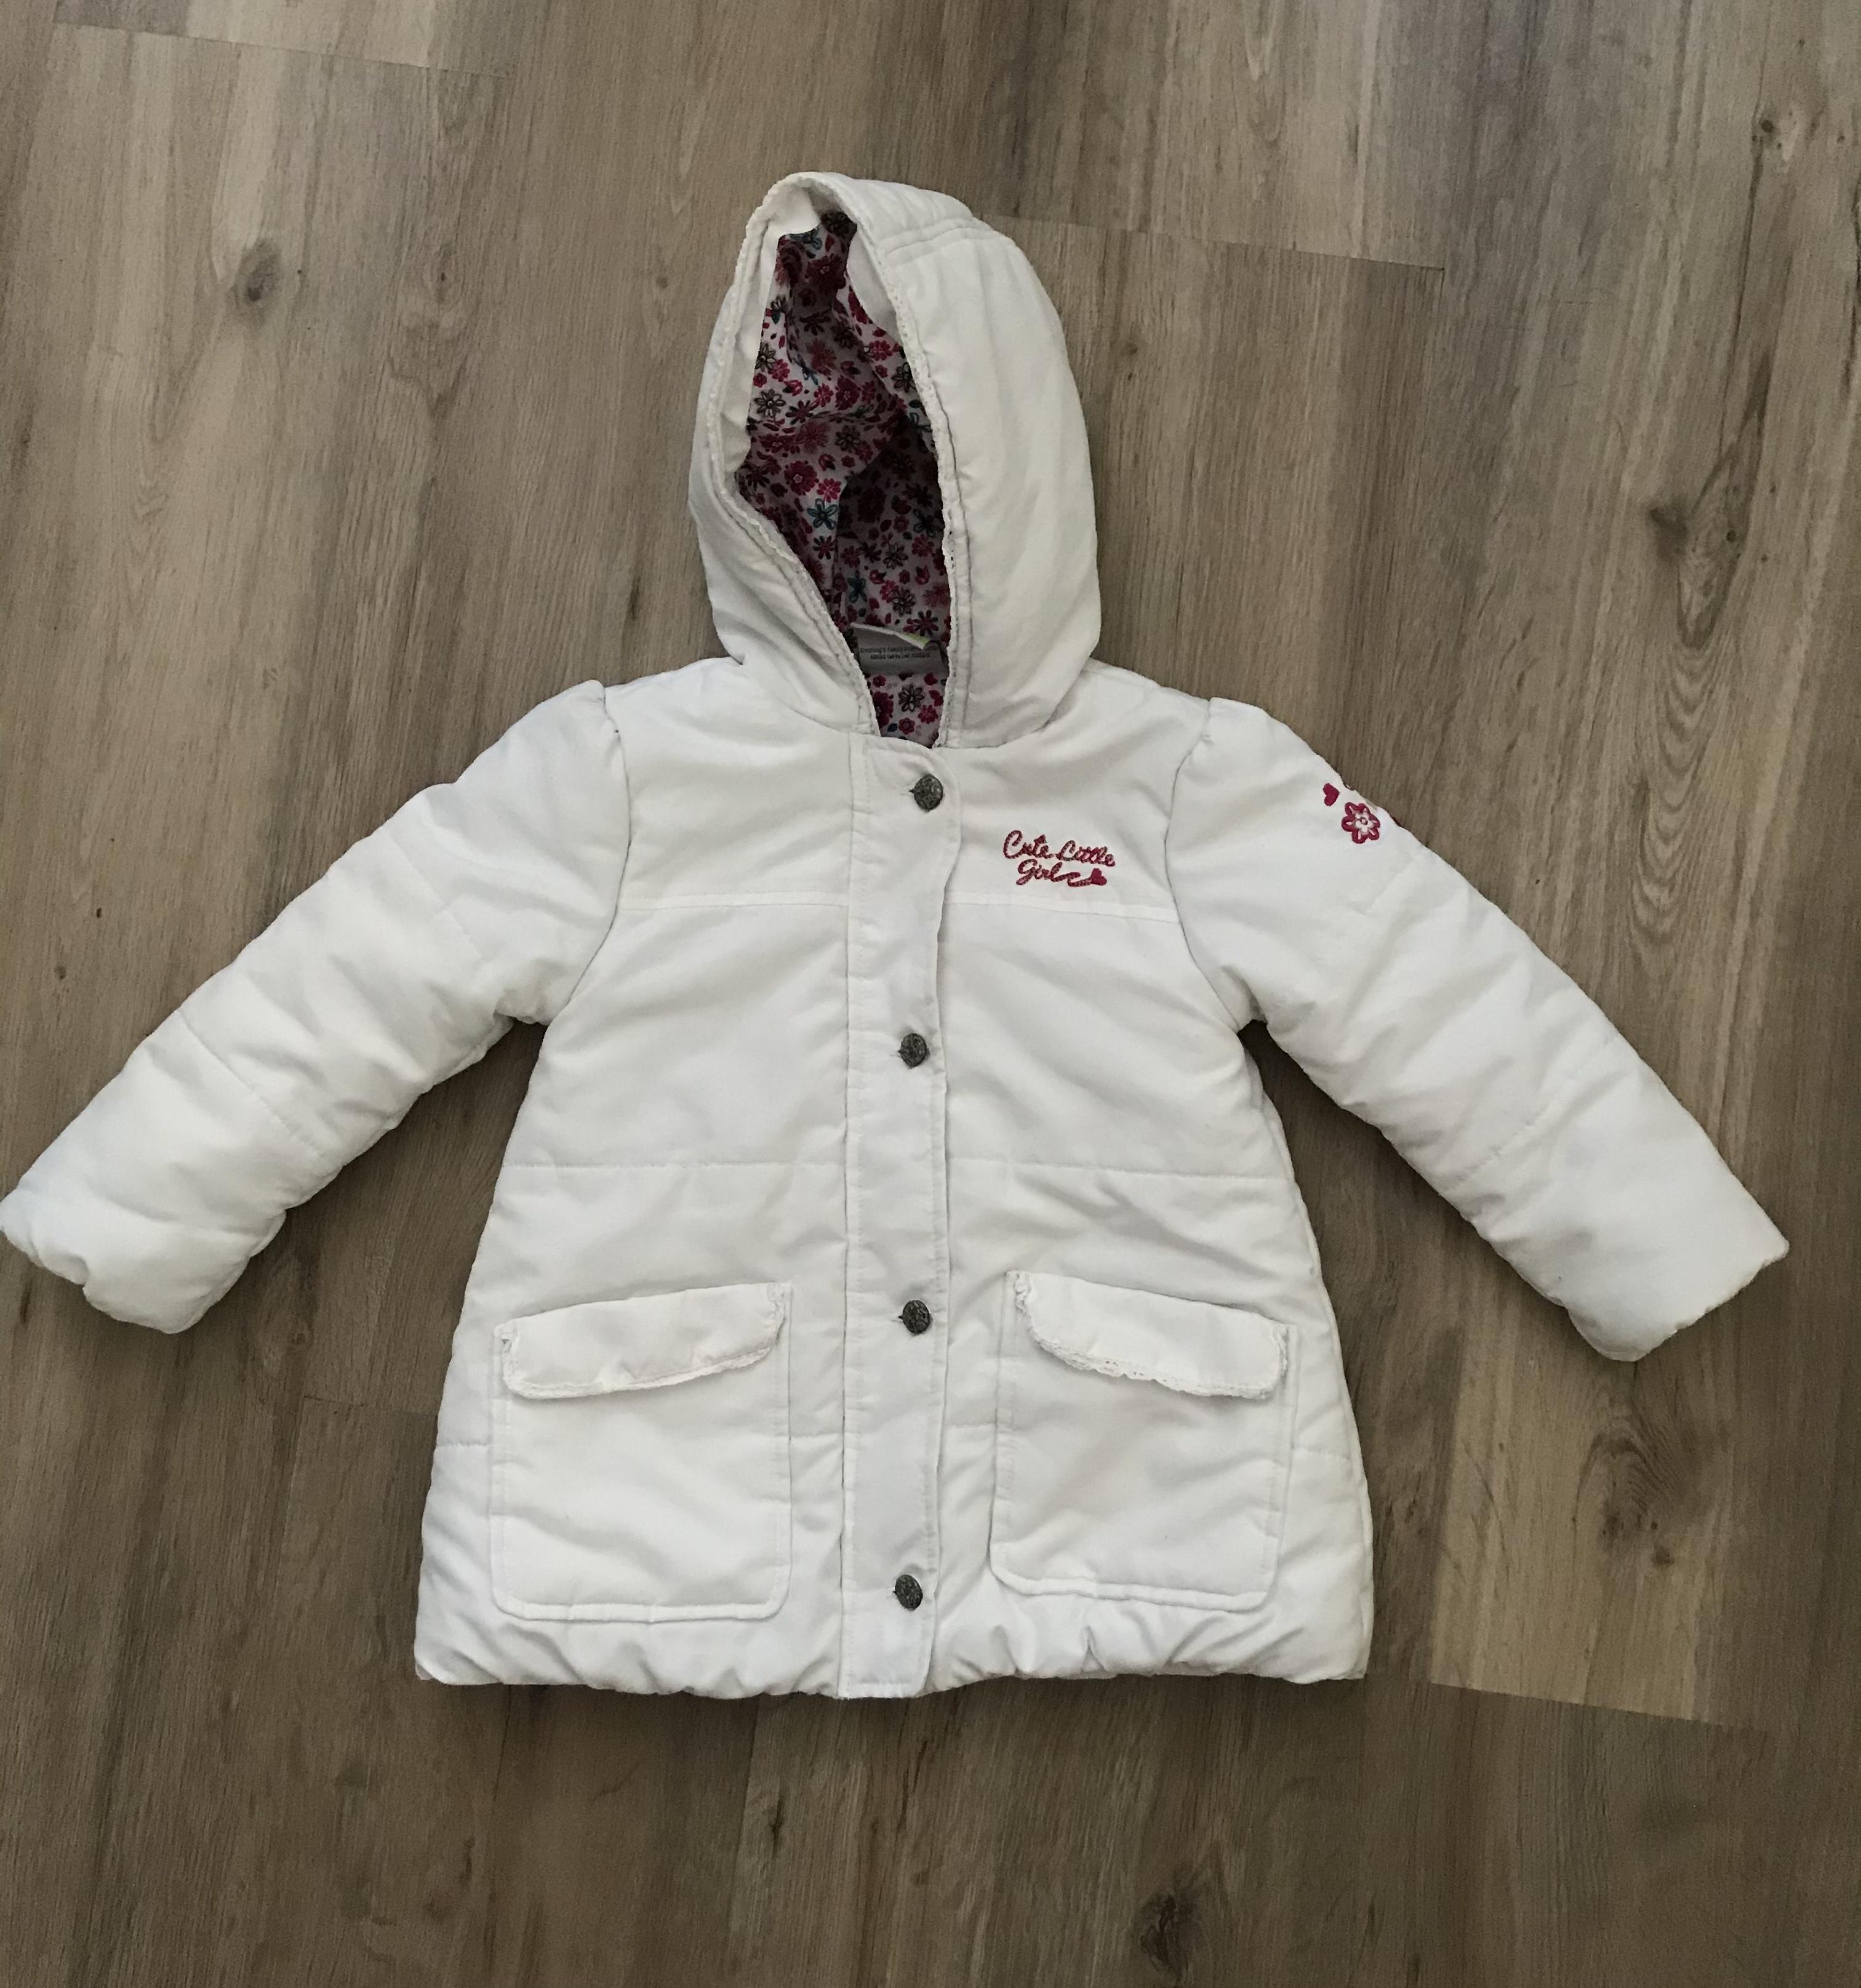 Süße weiße Frühjahrsjacke Gr. 92 tauschen